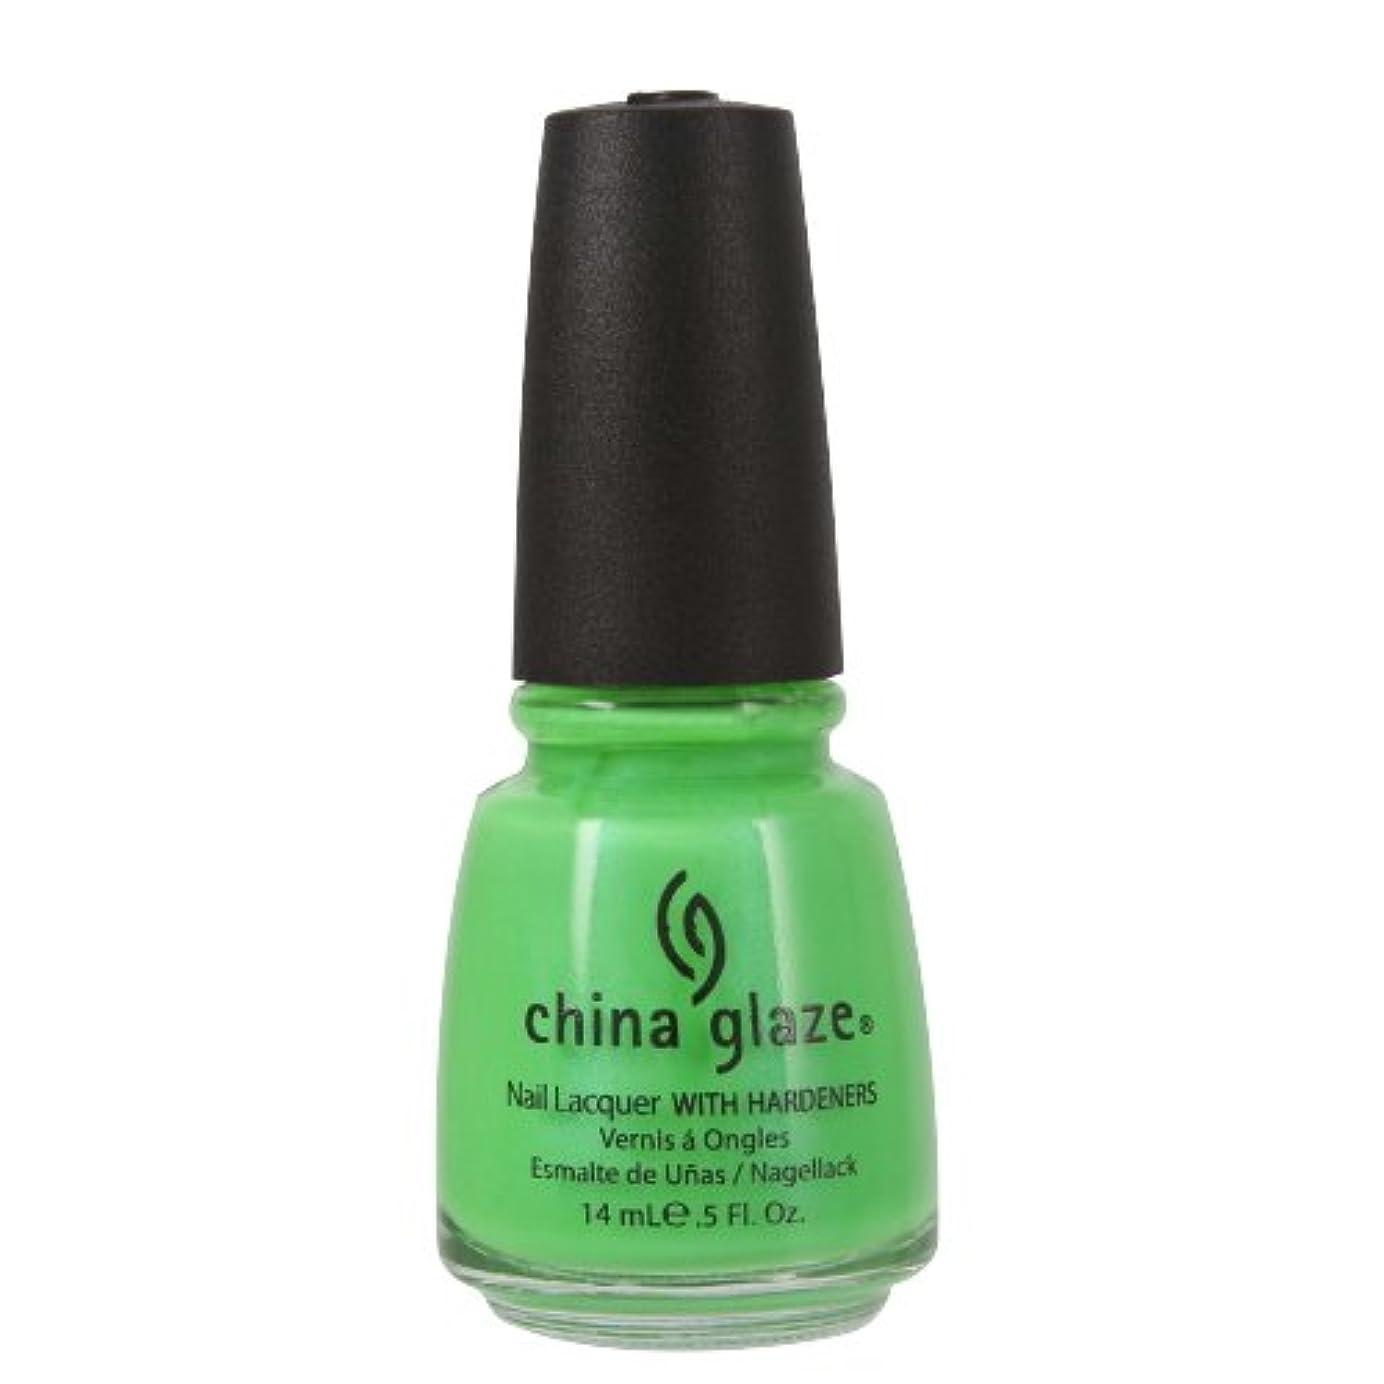 良さ監督する必要性(3 Pack) CHINA GLAZE Nail Lacquer with Nail Hardner - In The Lime Light Neon (並行輸入品)